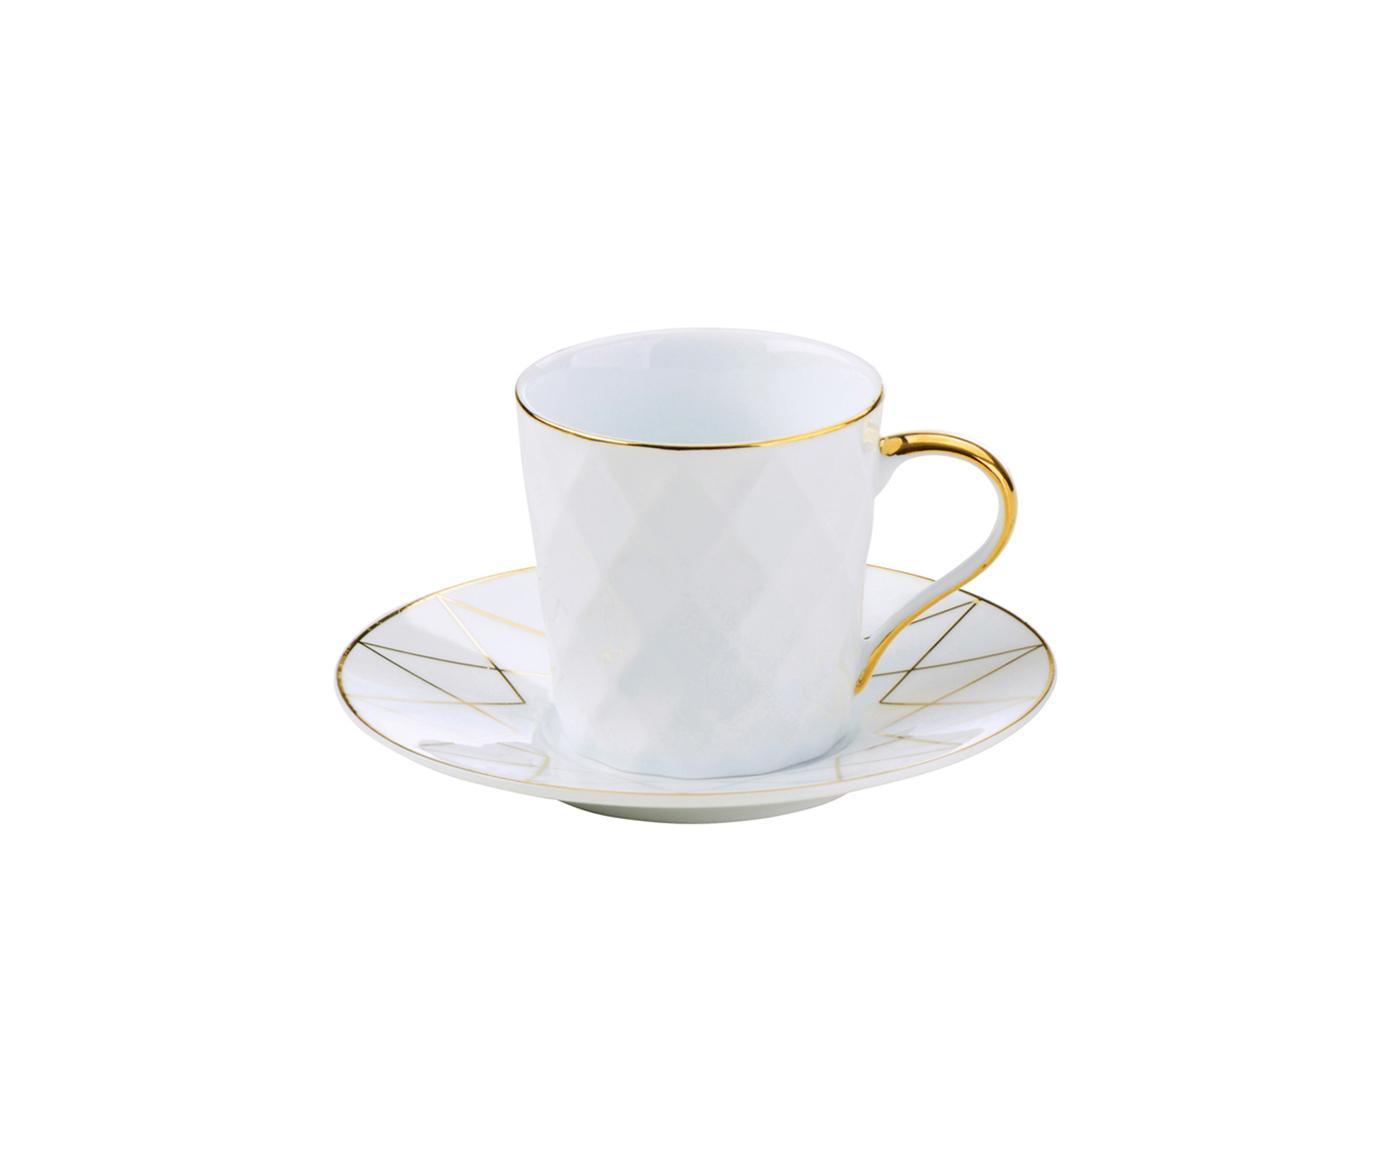 Set tazzine da caffè Lux, 6 pz., Porcellana, Bianco, dorato, Ø 12 x A 6 cm